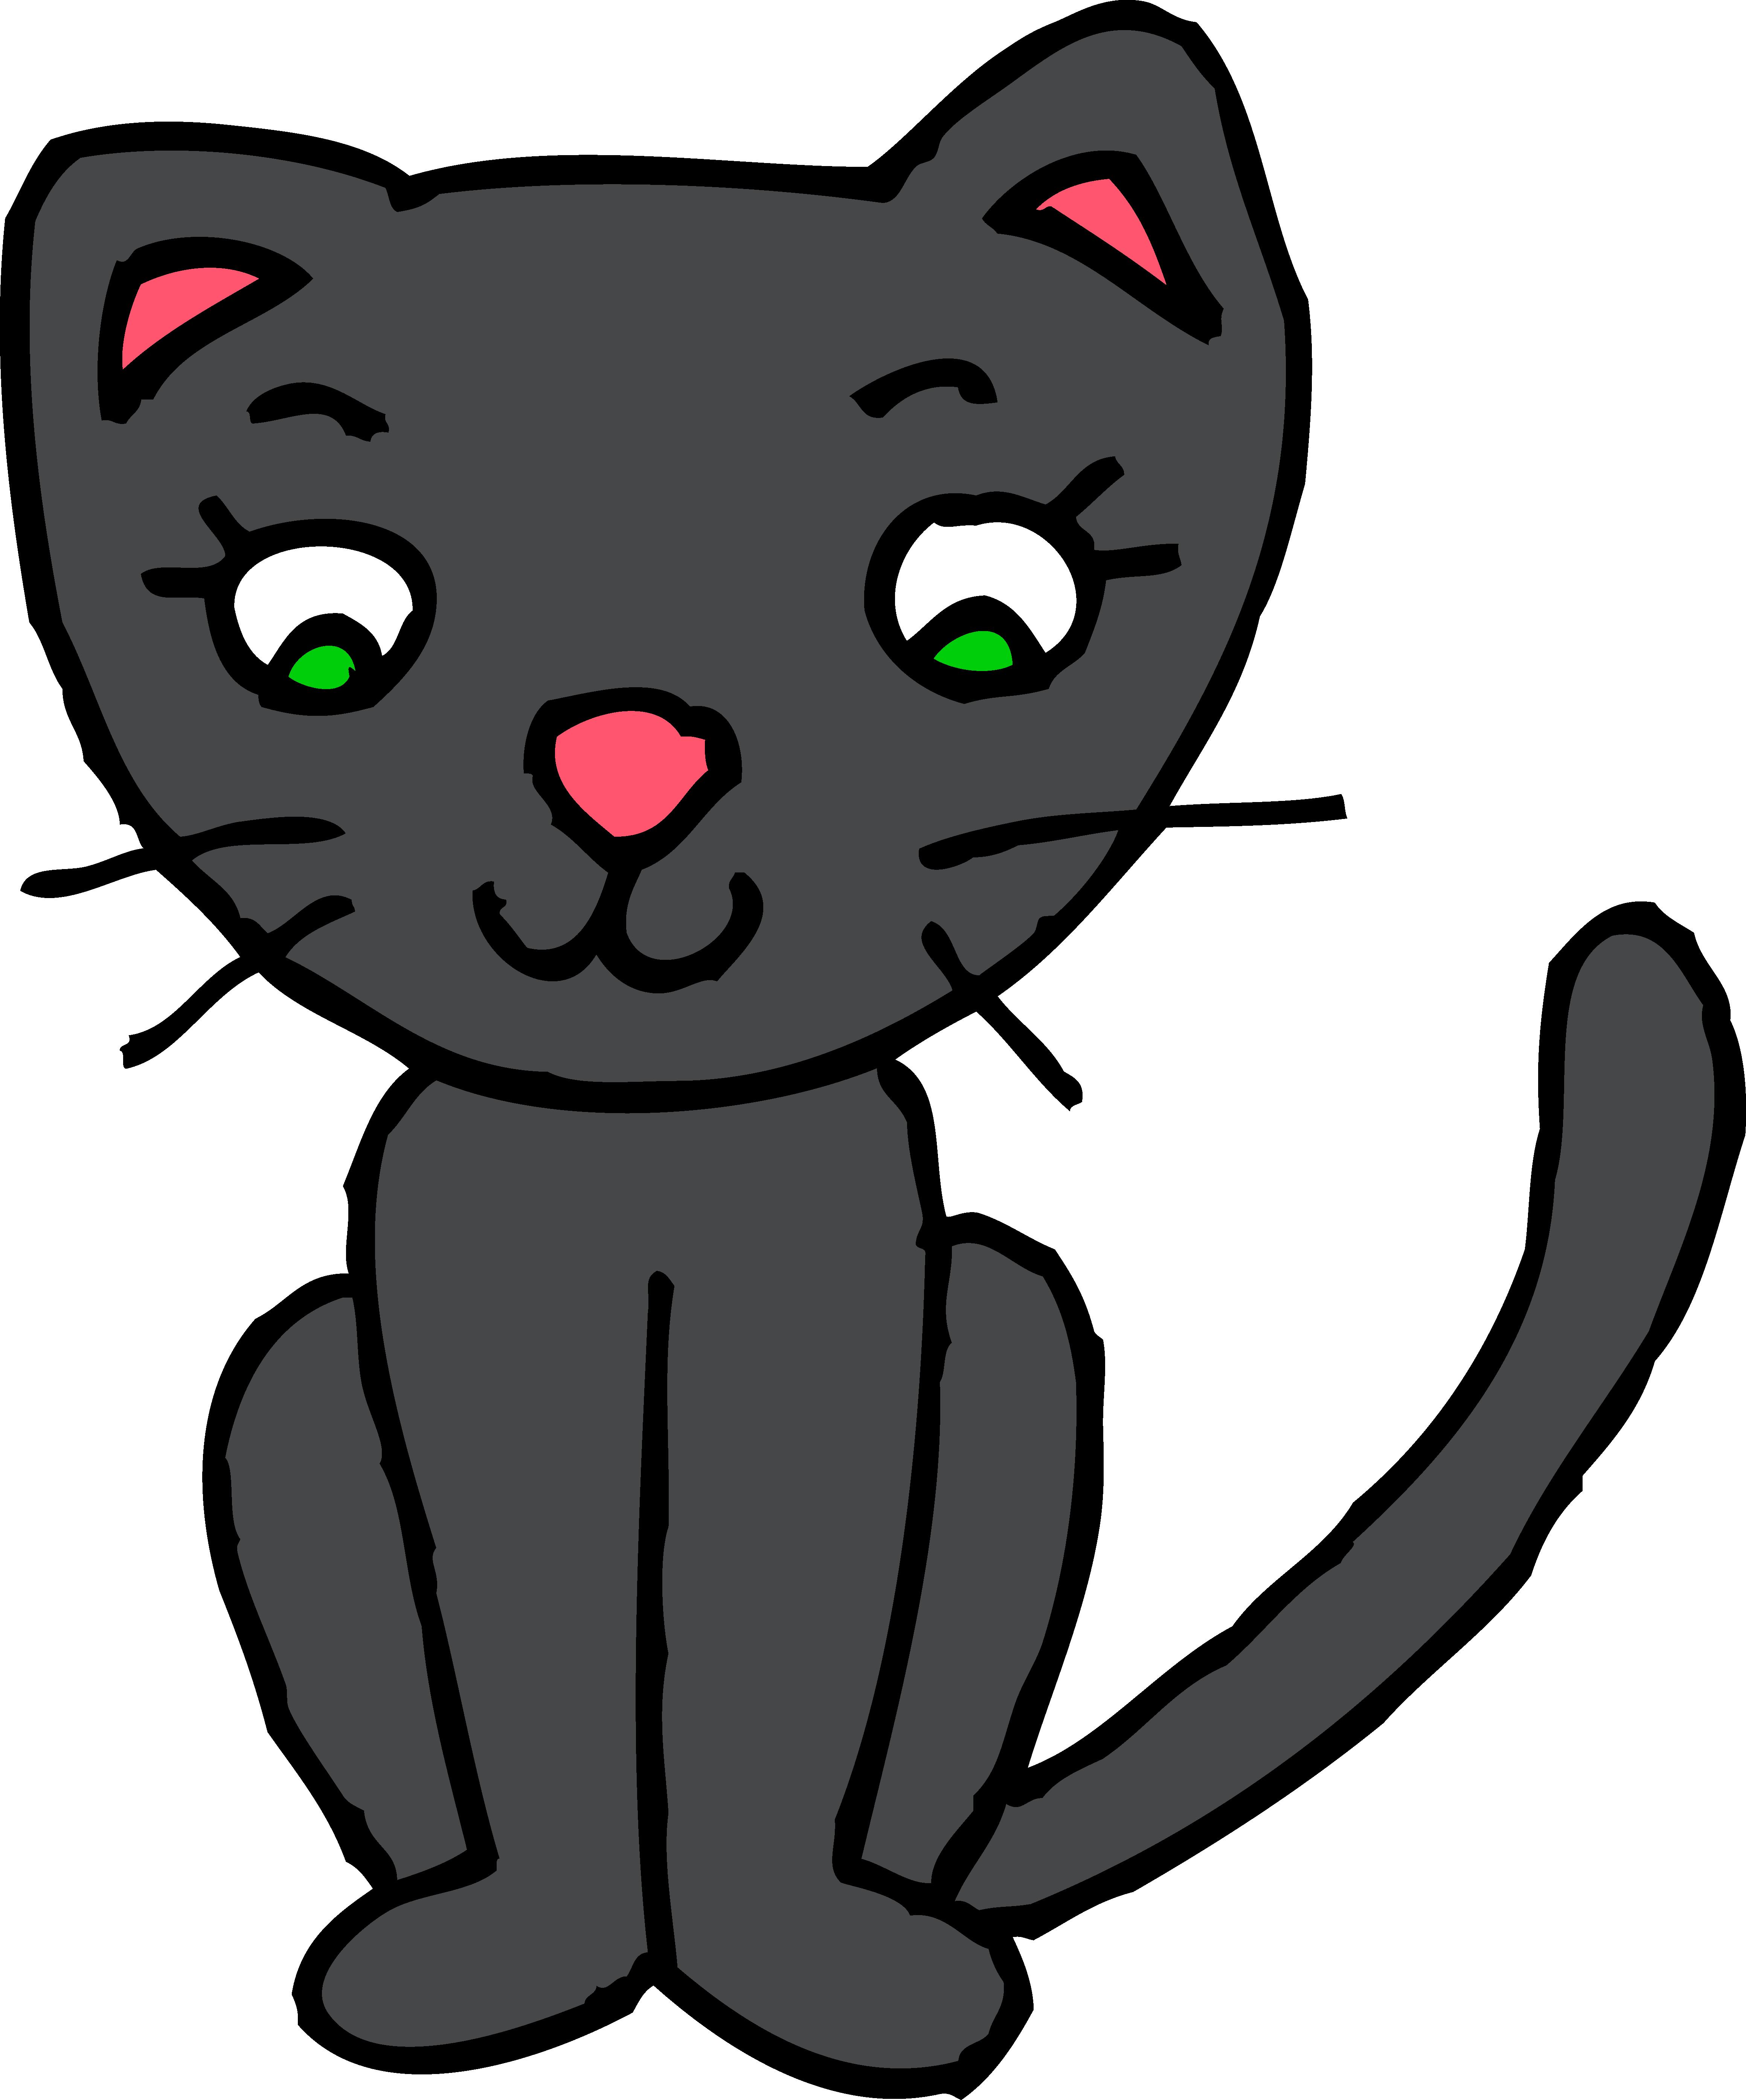 Cat Clipart Image #2461